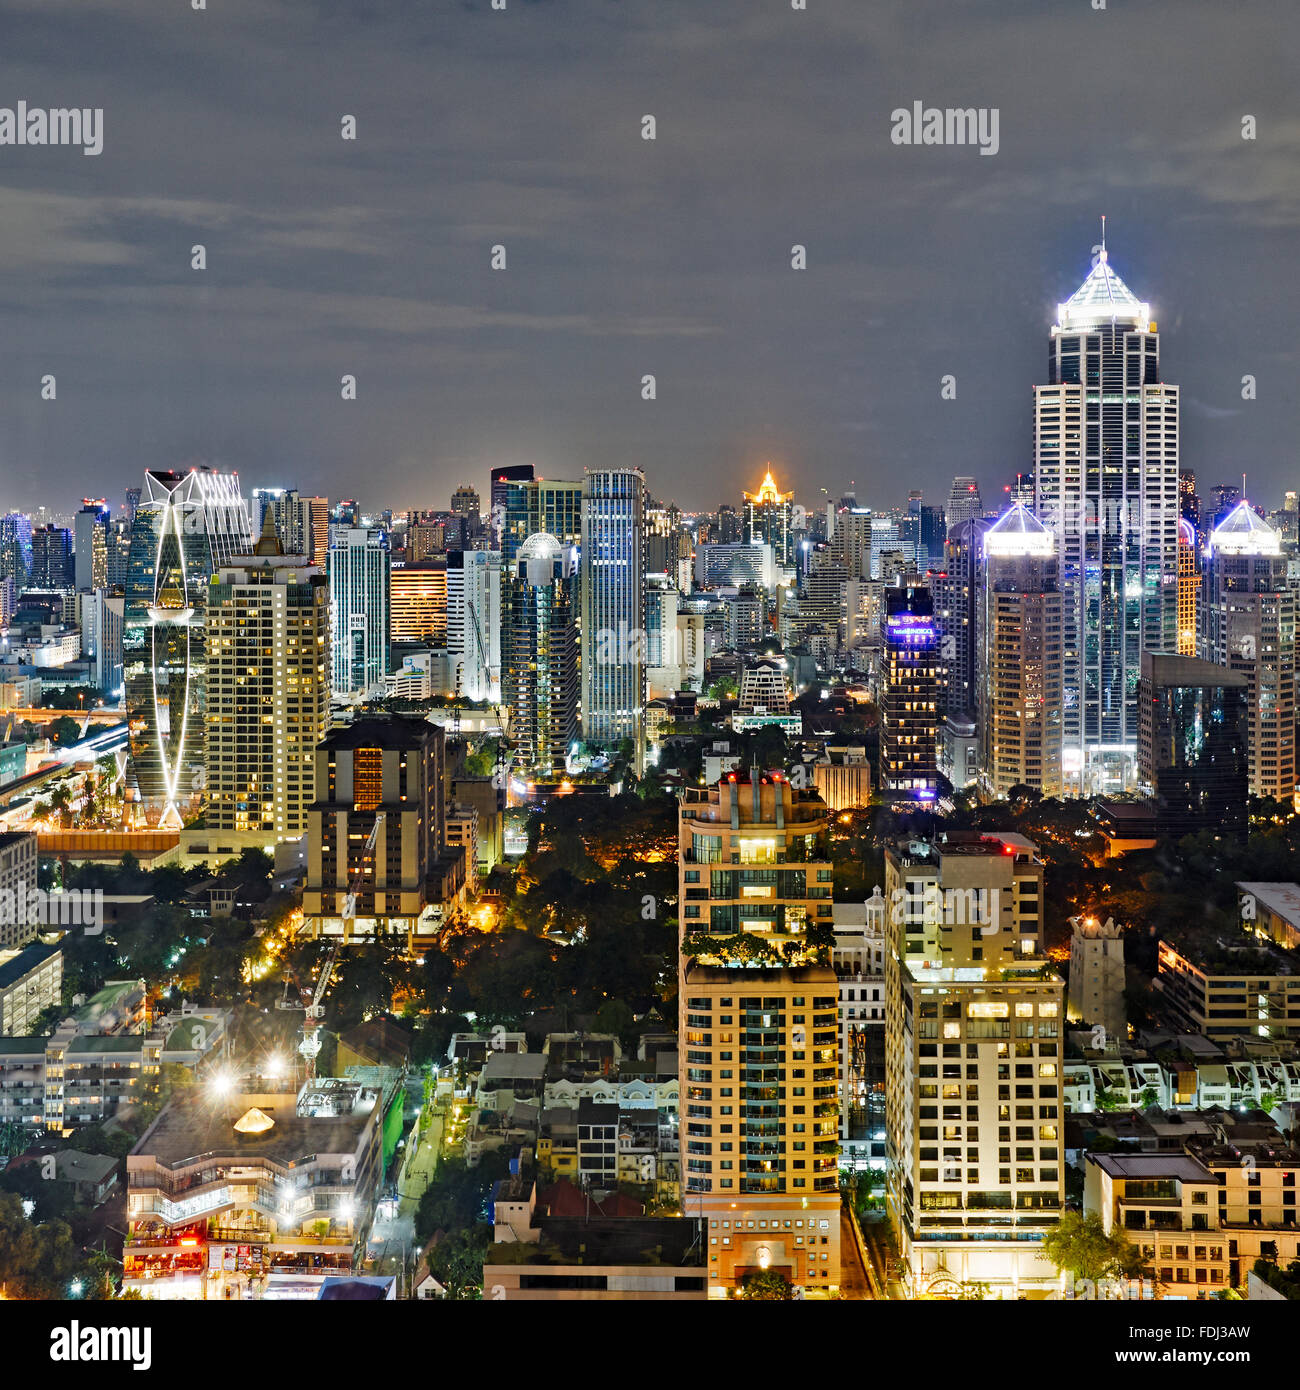 Une vue sur la ville de nuit. Bangkok, Thaïlande. Photo Stock